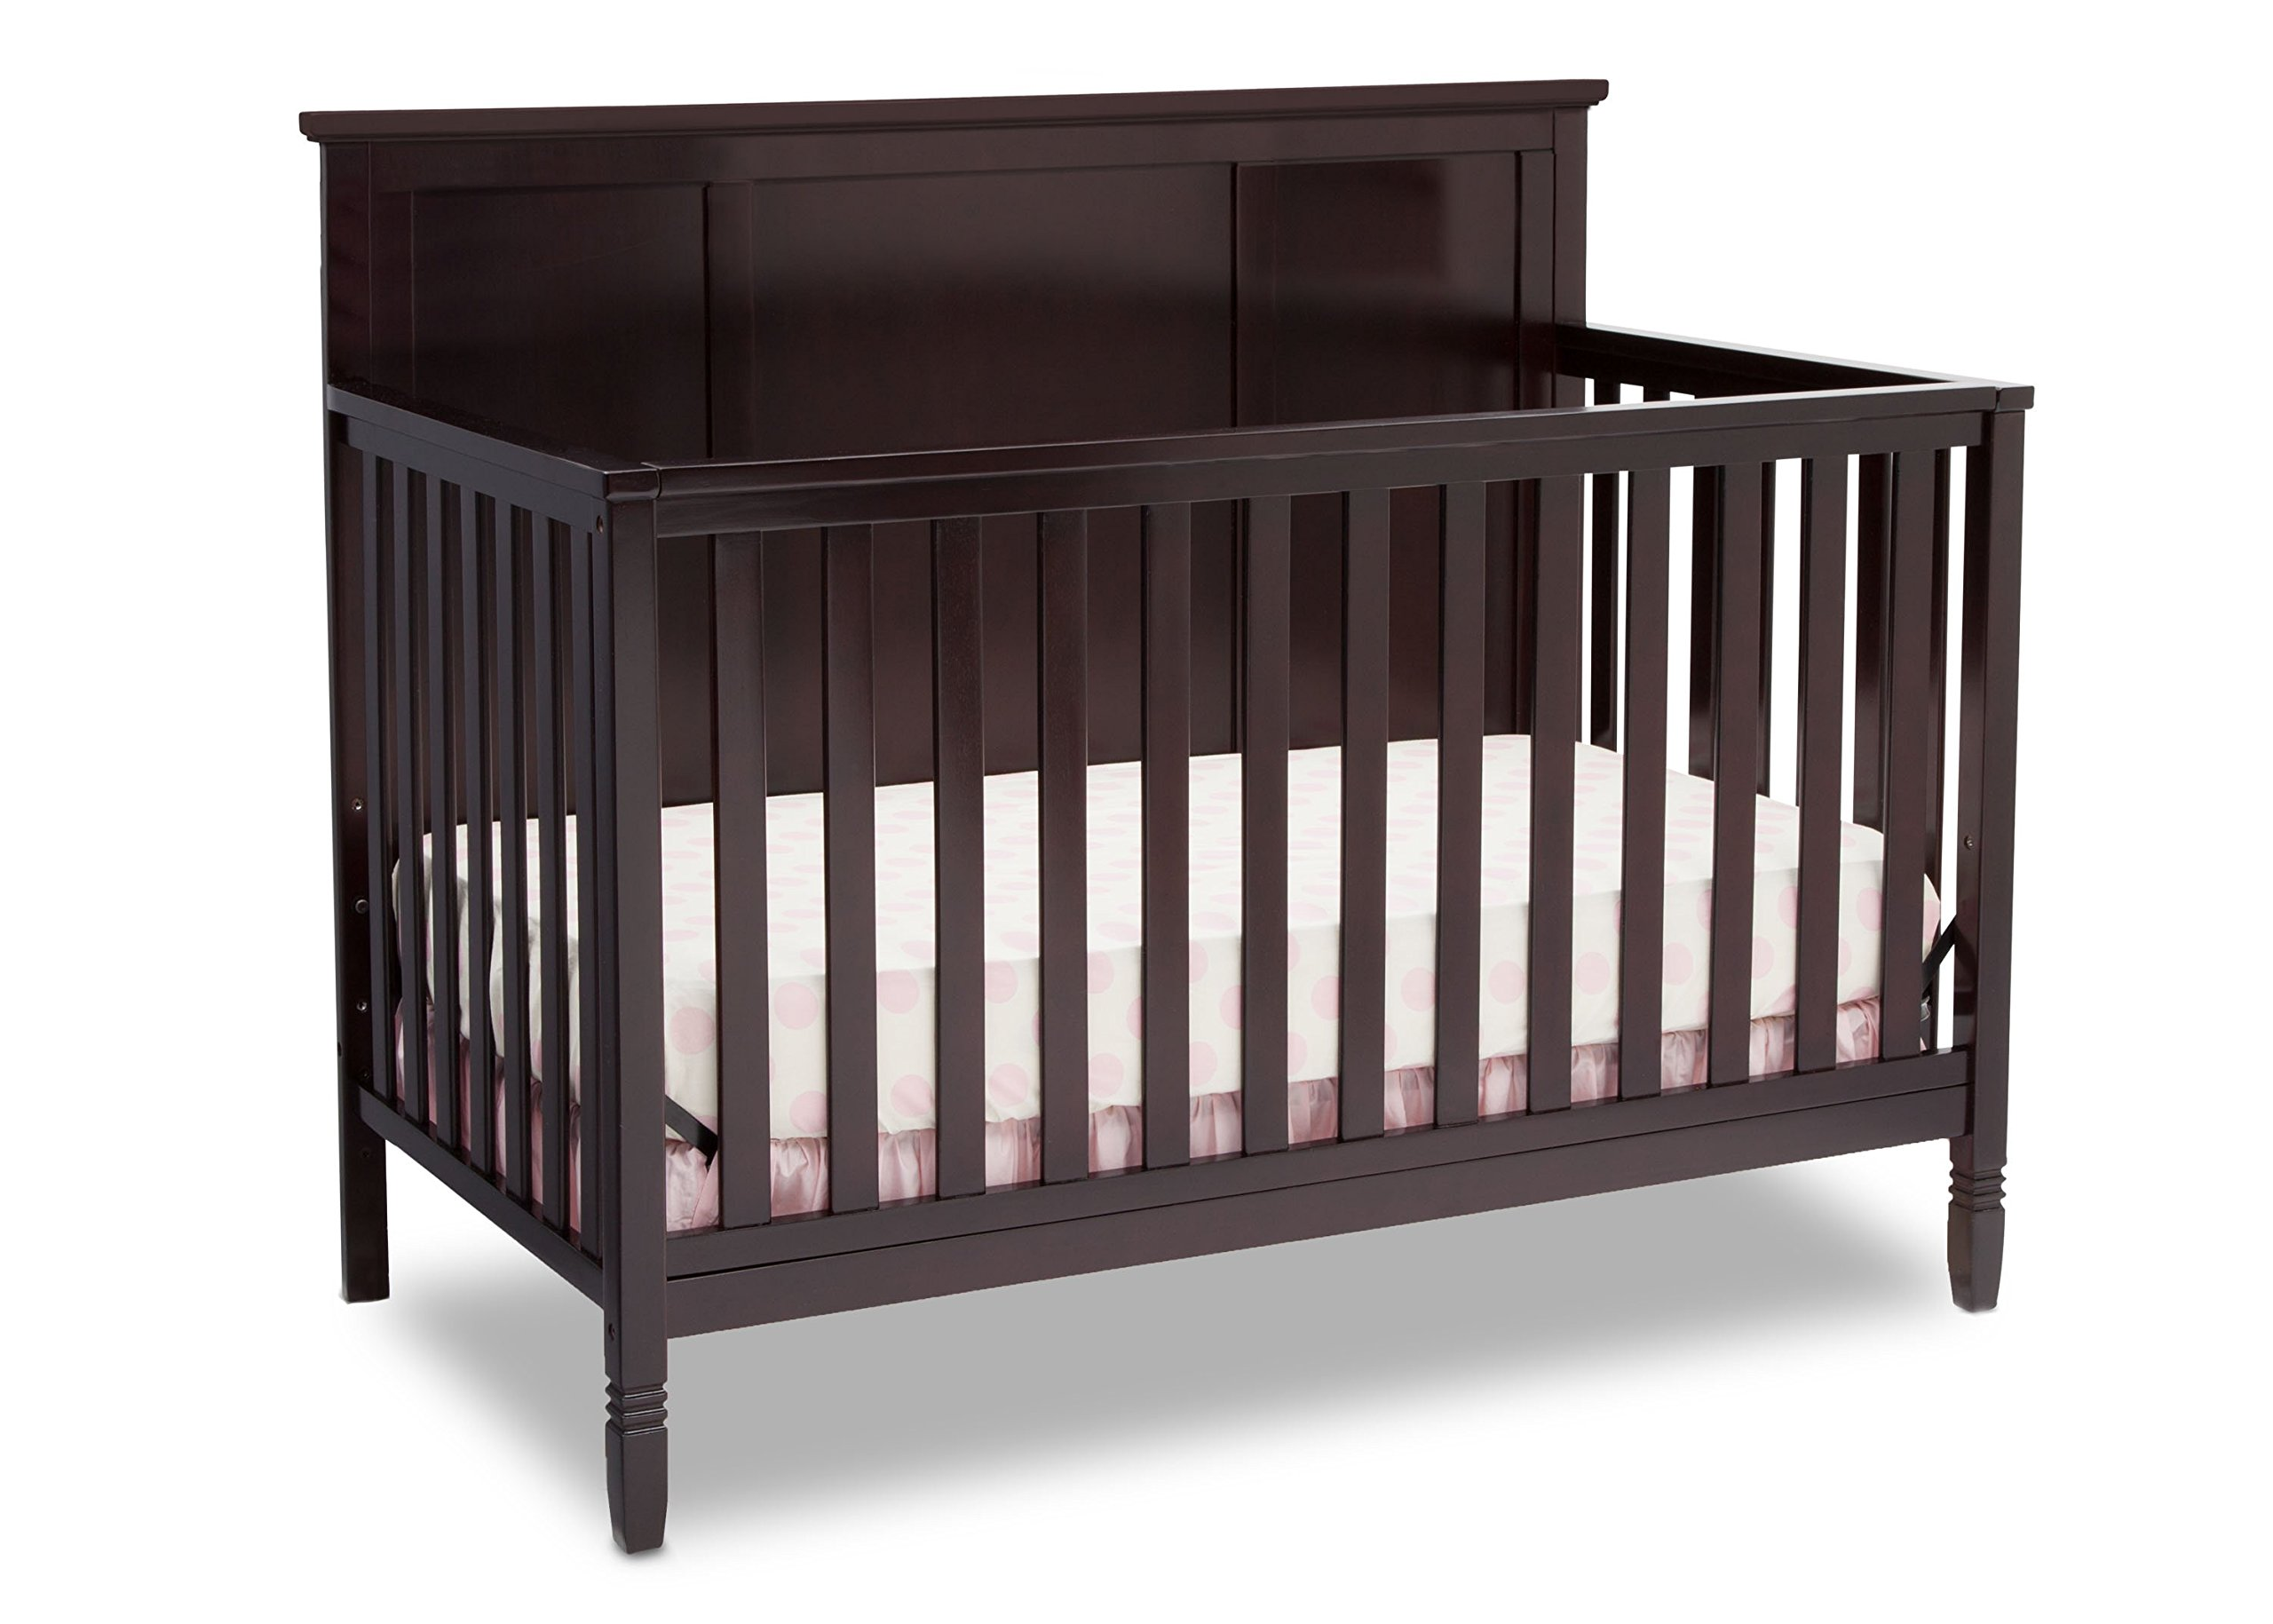 Delta Children Easton 4-in-1 Convertible Crib, Dark Chocolate